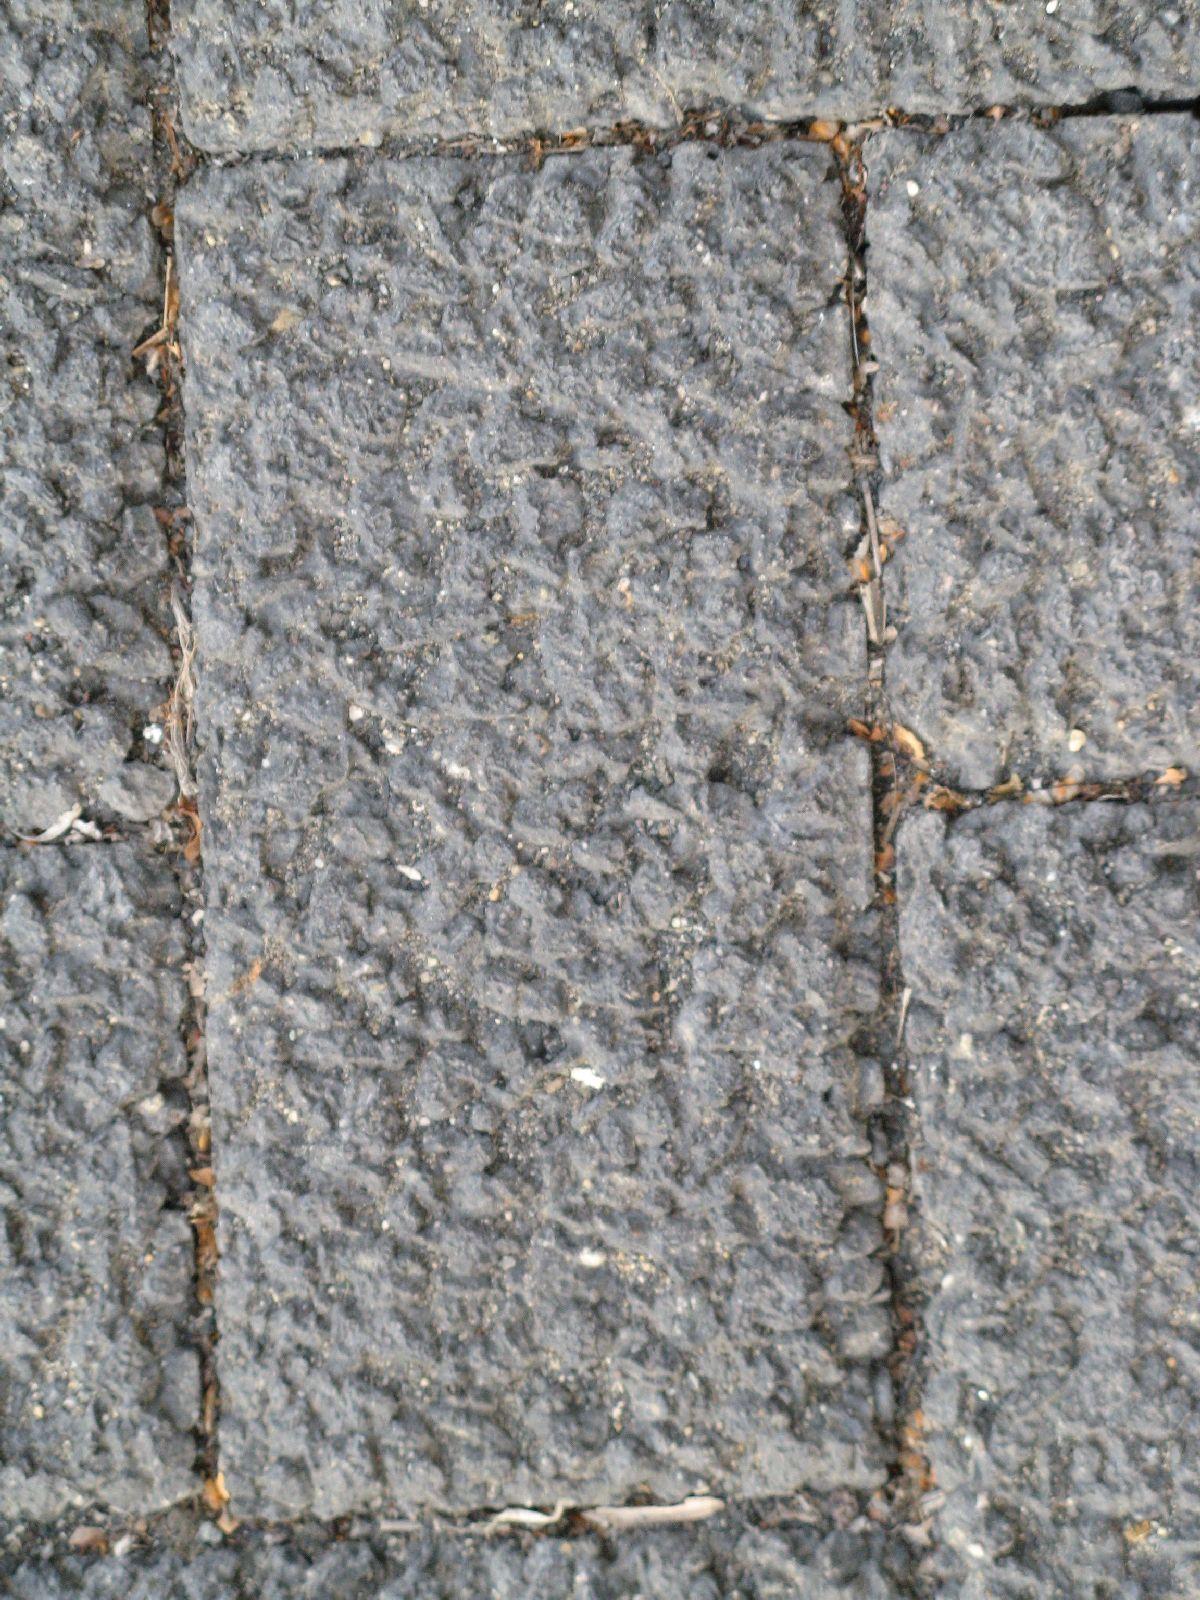 Ground-Urban_Texture_B_0644